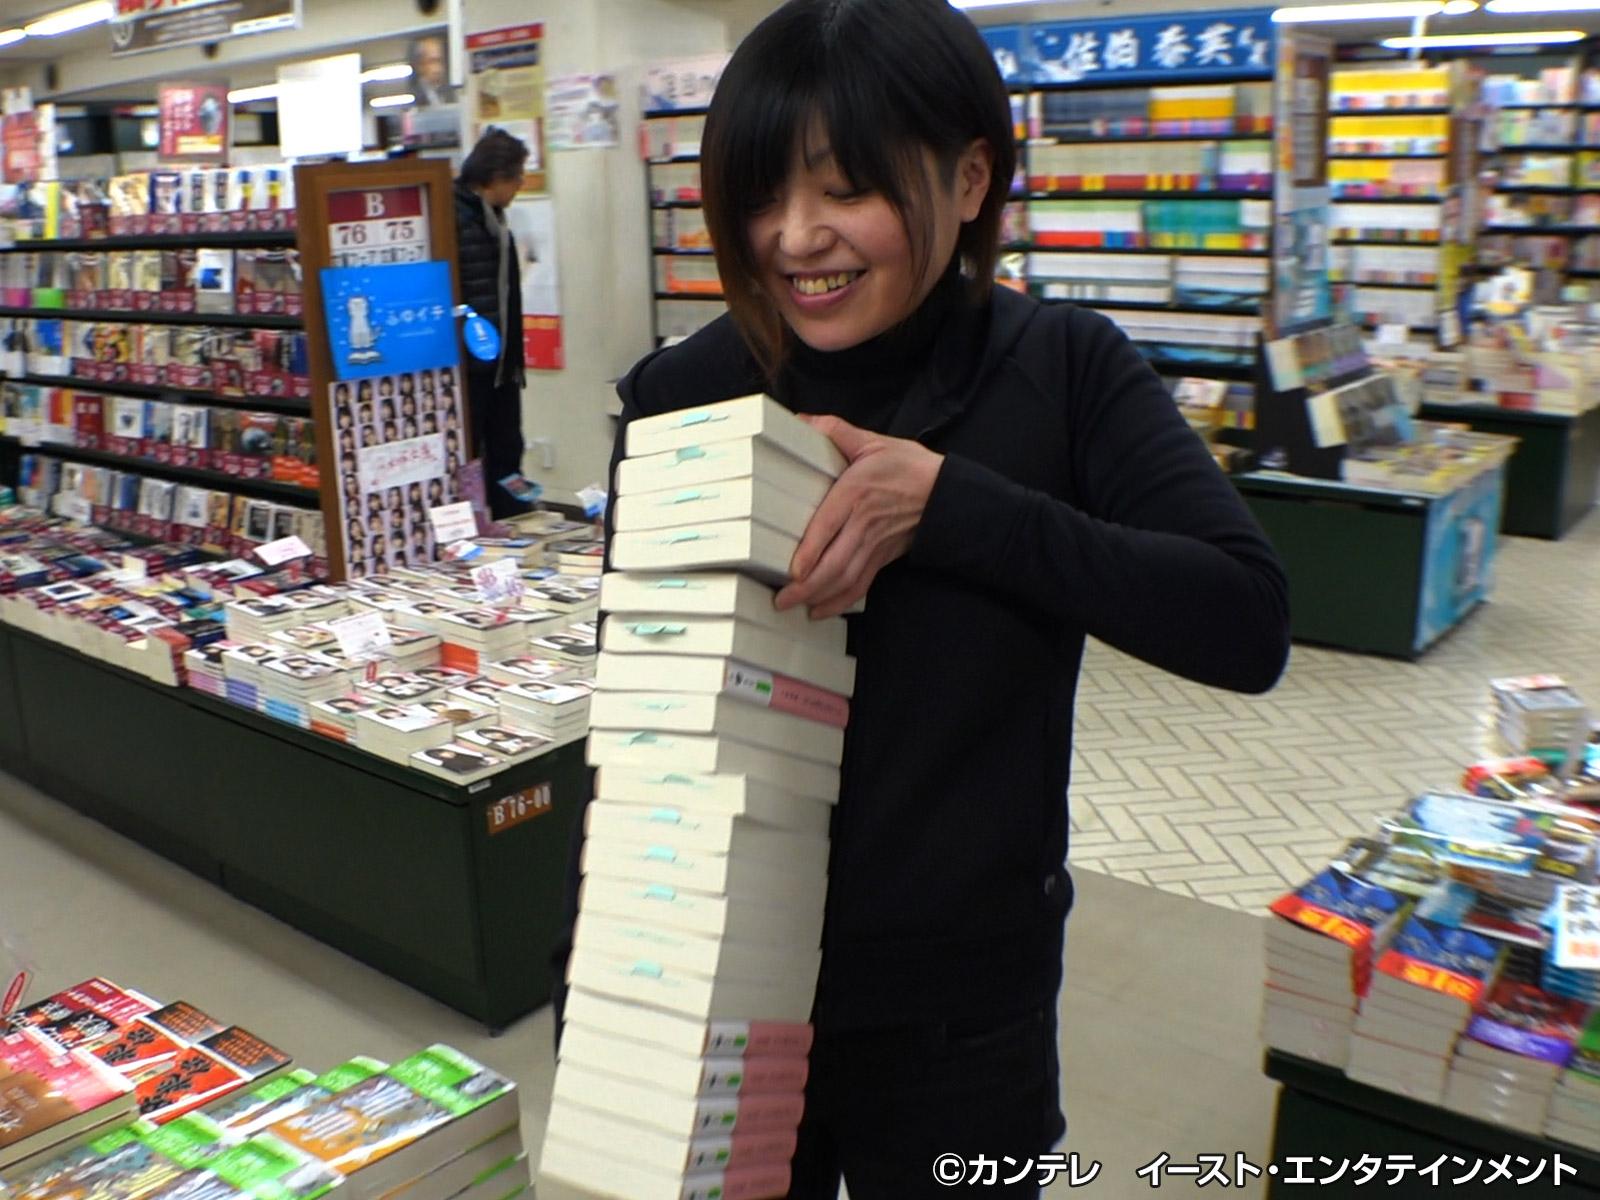 セブンルール/#38 芥川賞・直木賞に並ぶ新井賞?出版業界の風雲児!